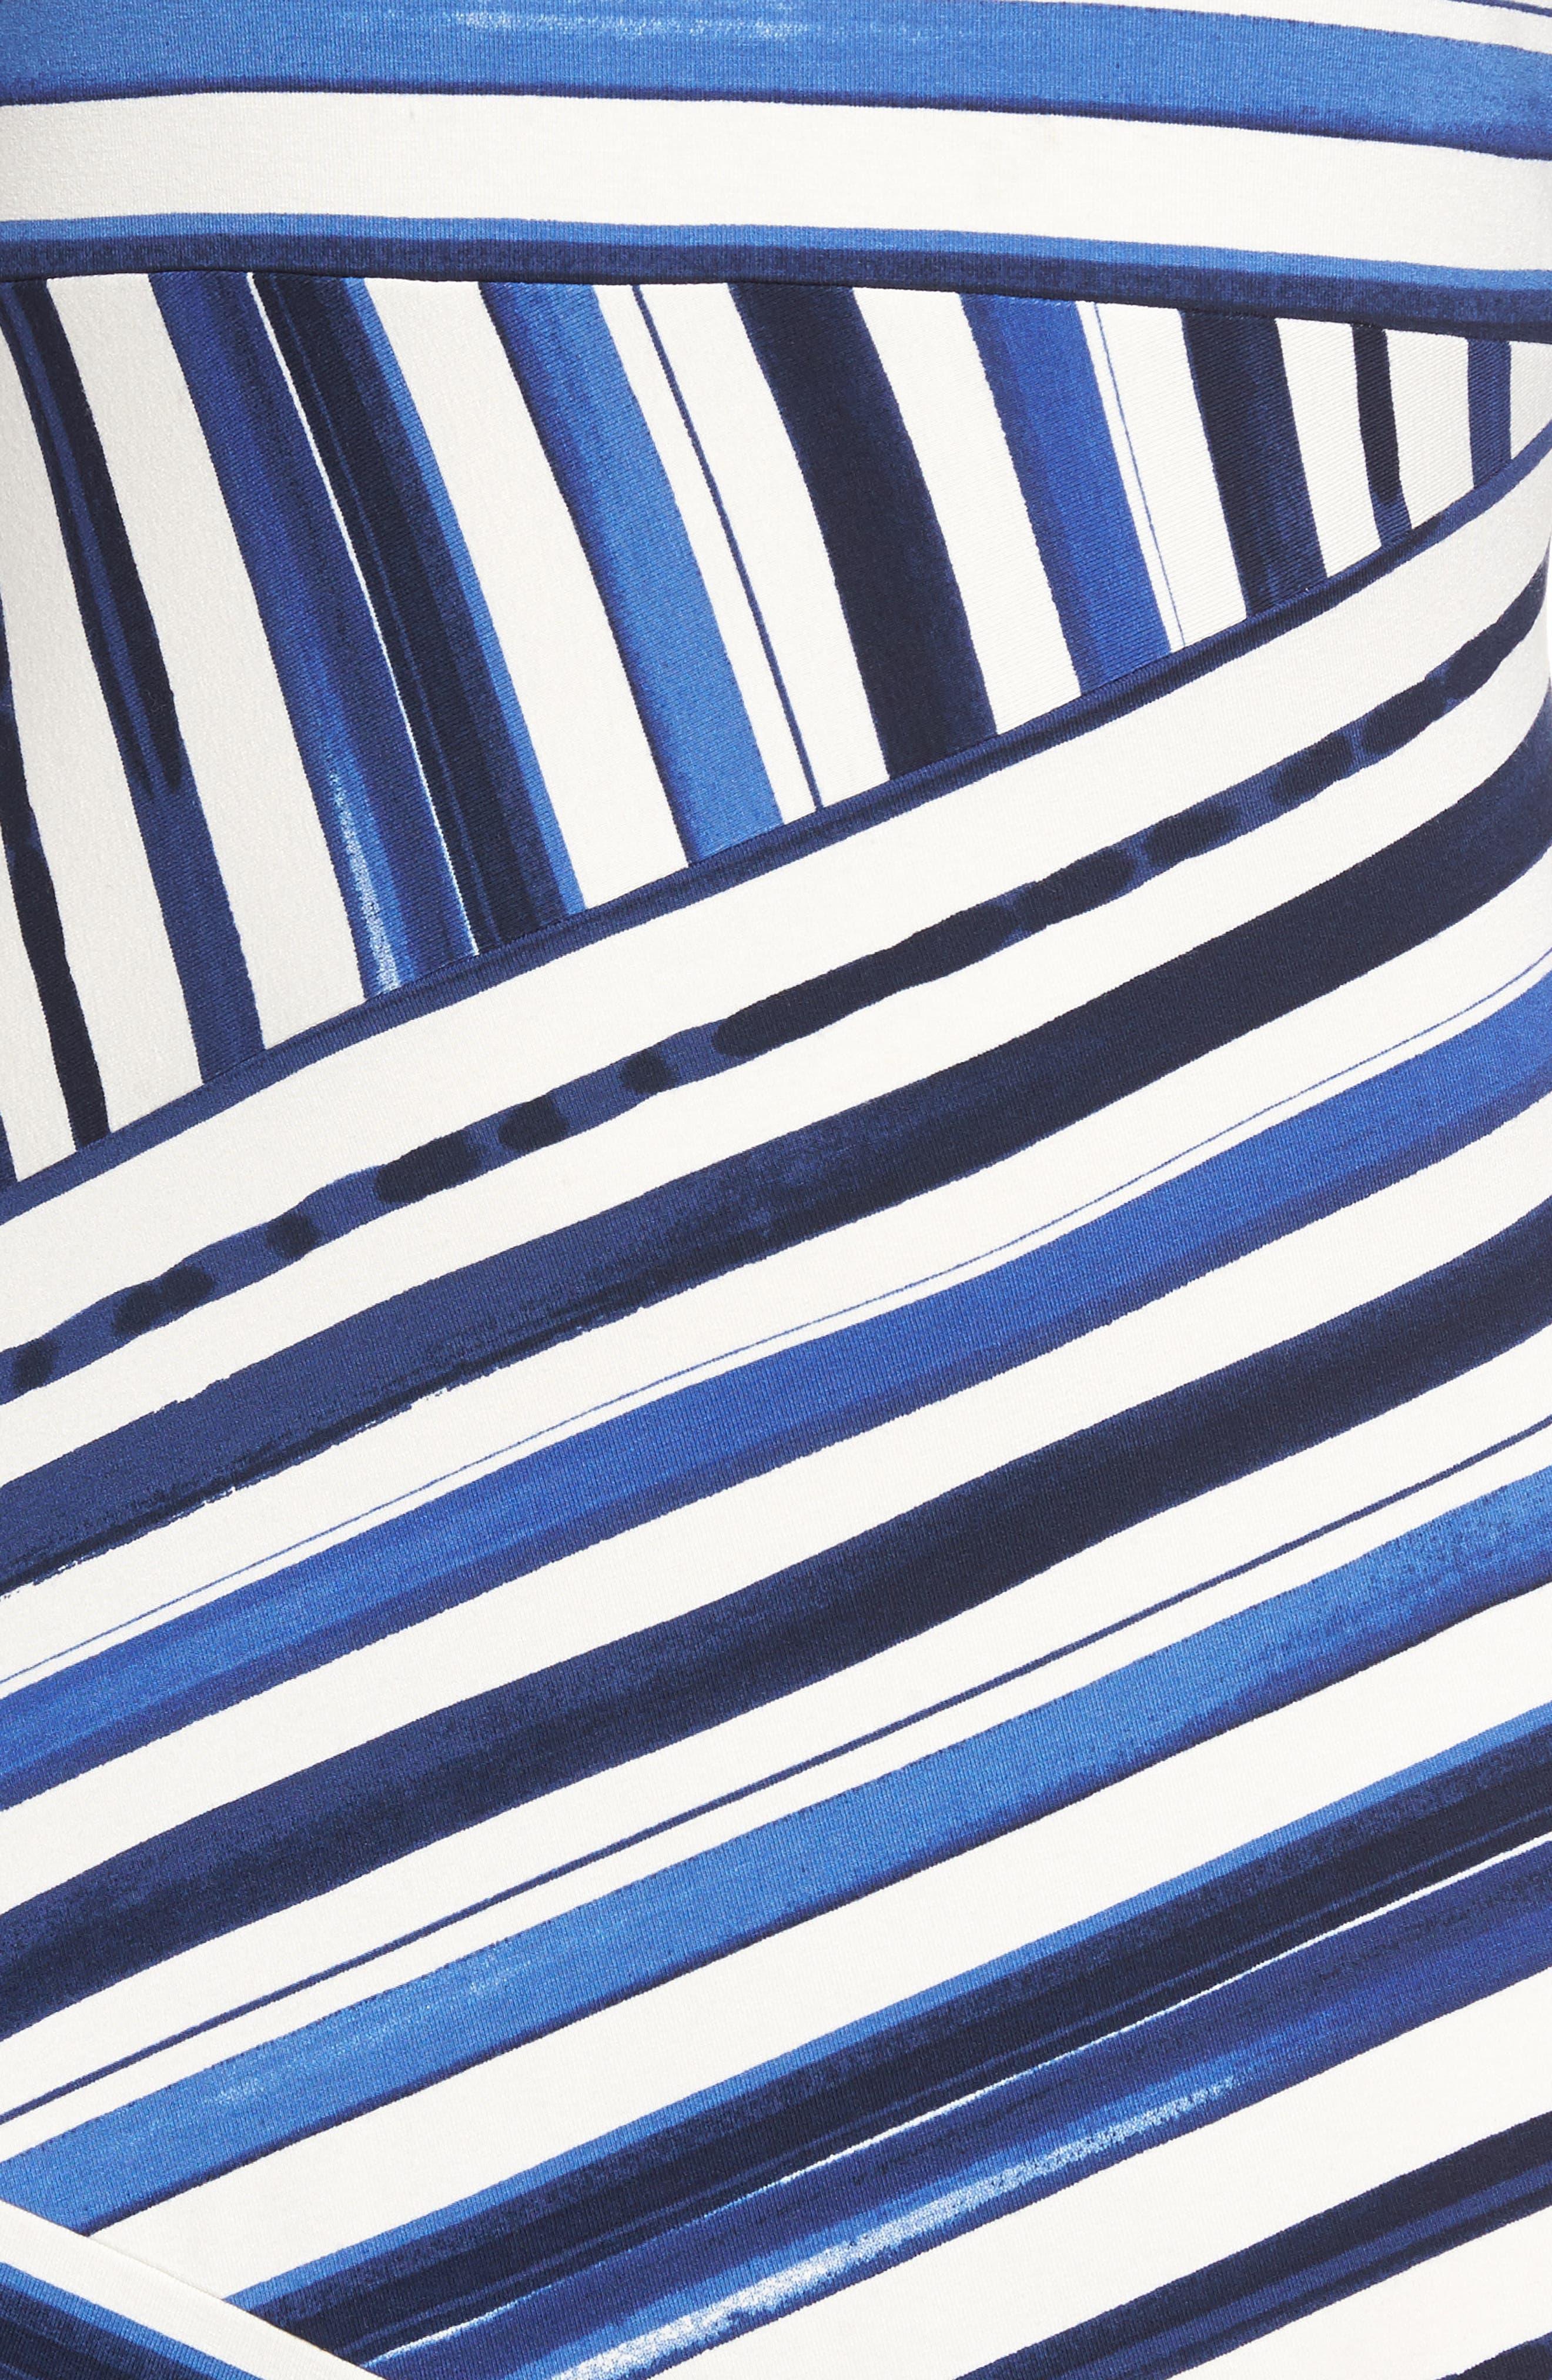 Aquarelle Stripe A-Line Dress,                             Alternate thumbnail 5, color,